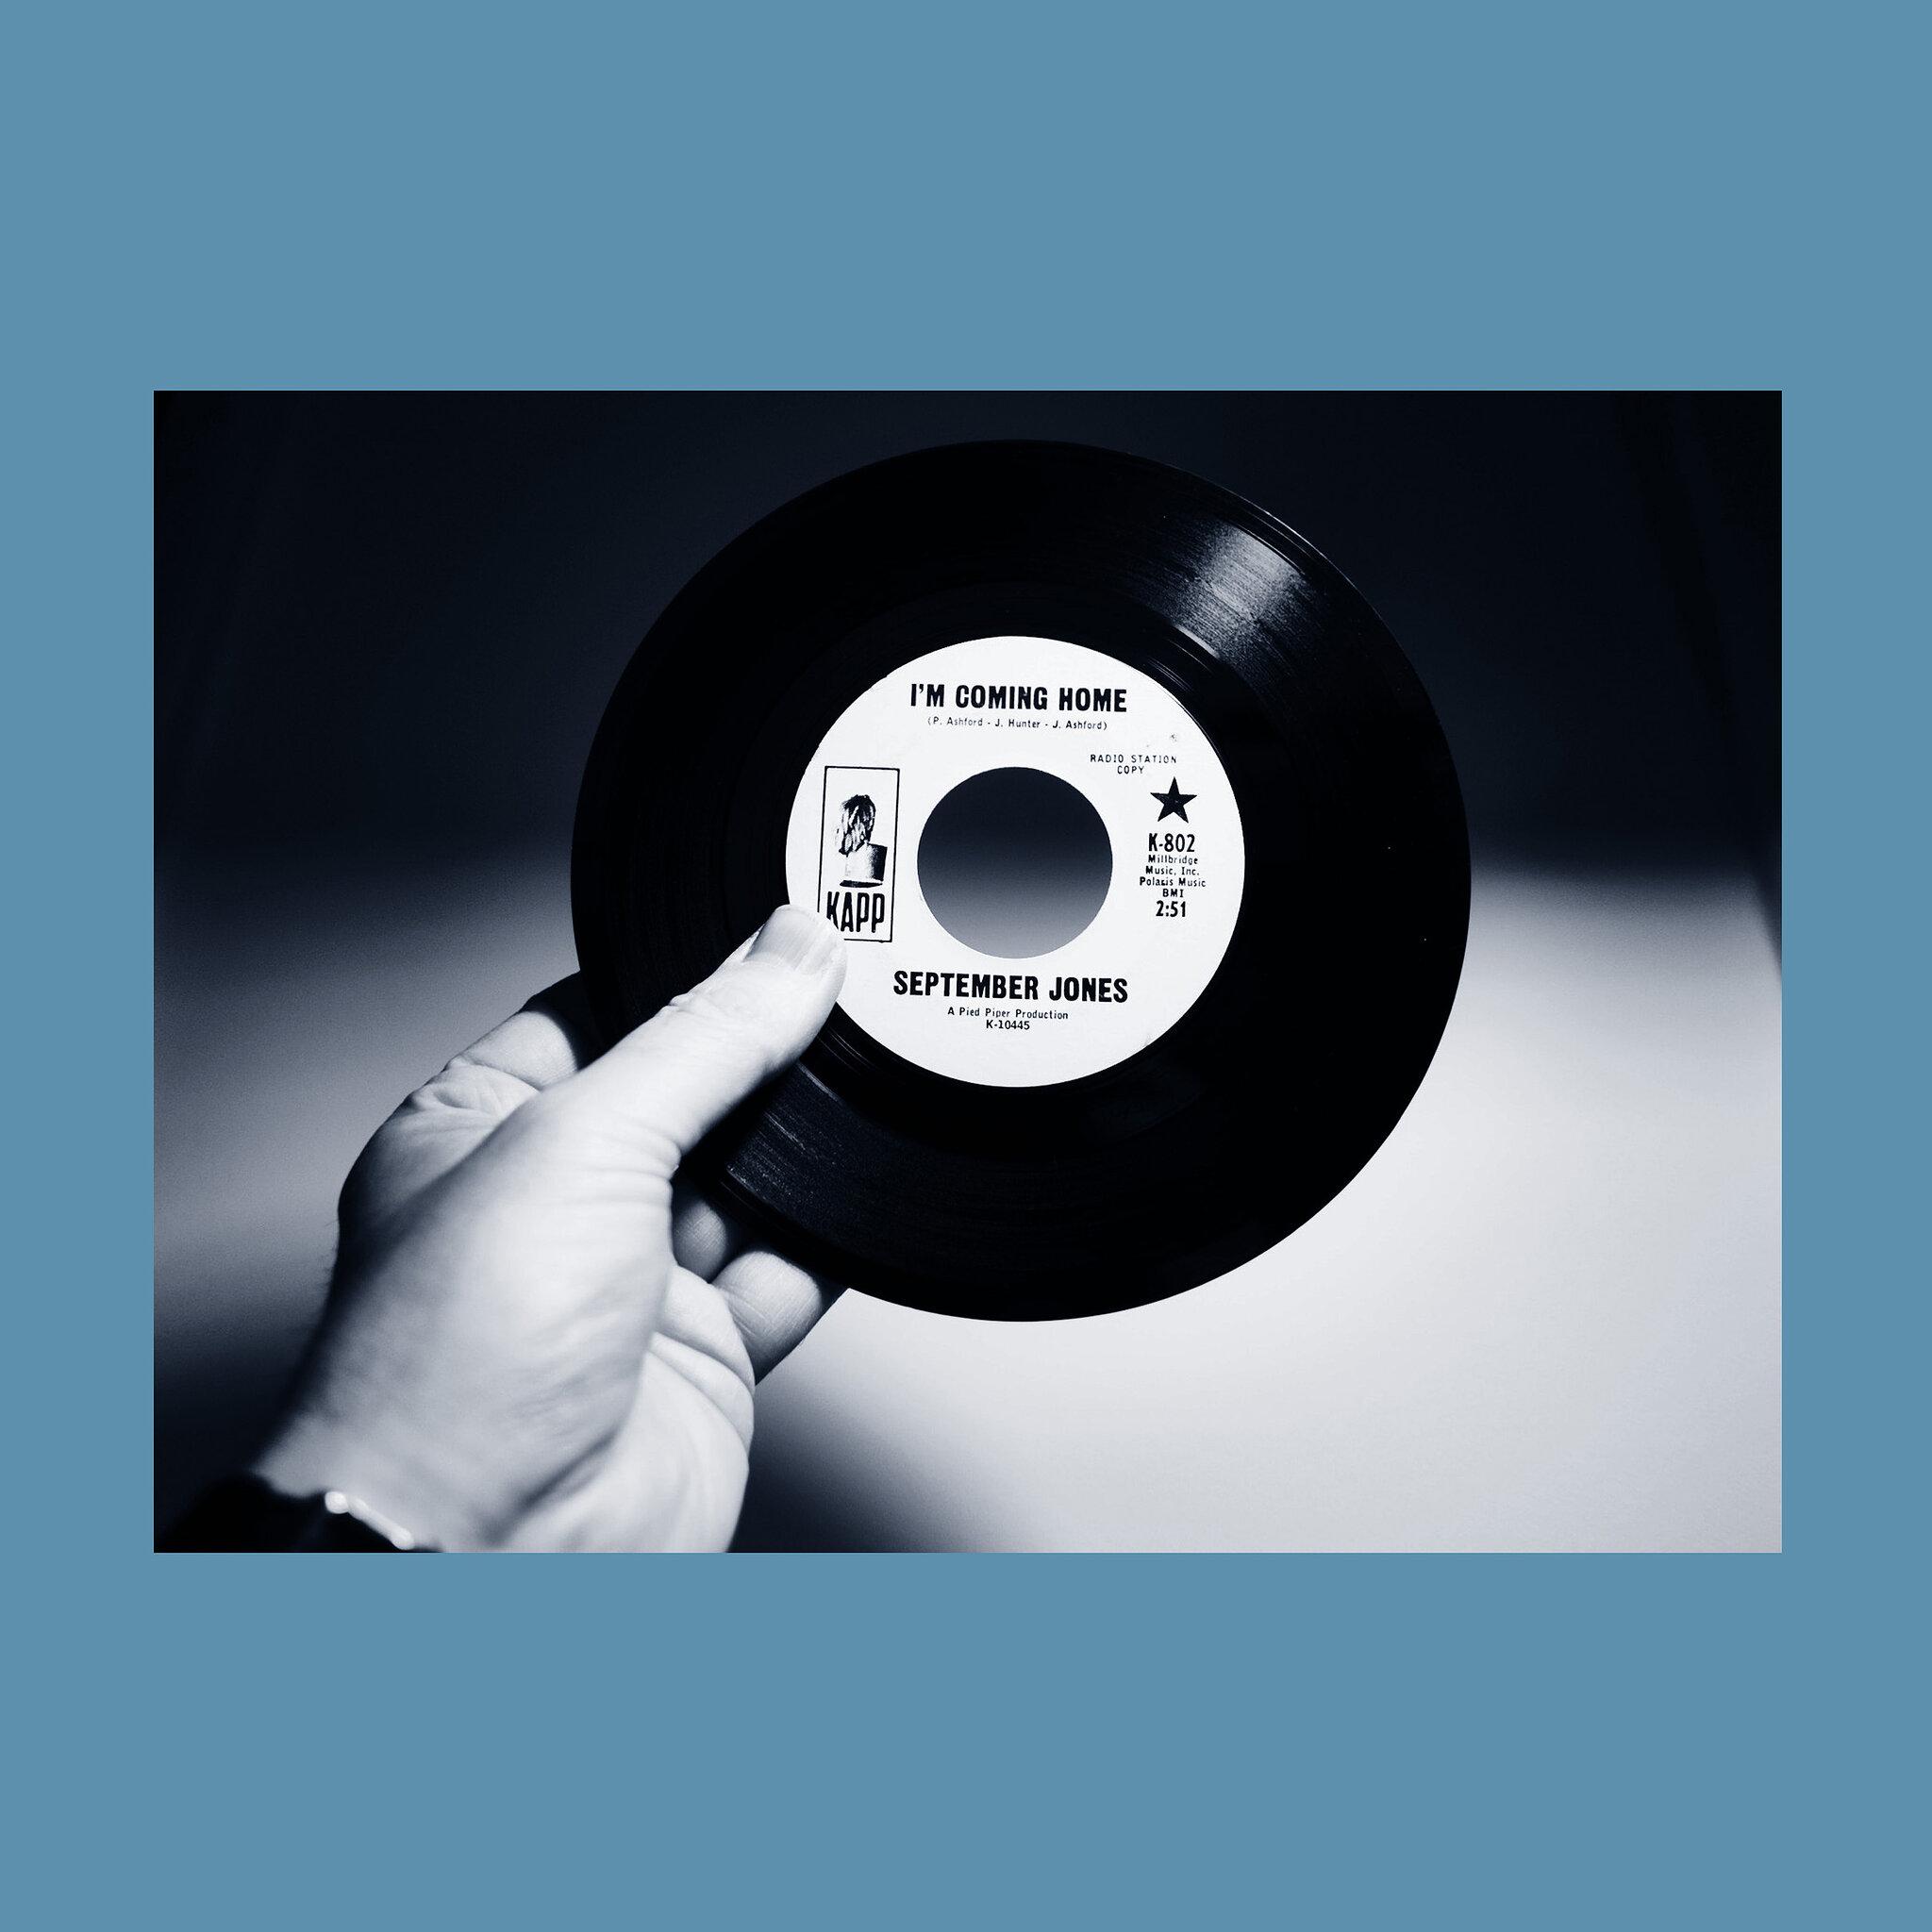 STUDIO 45 Record